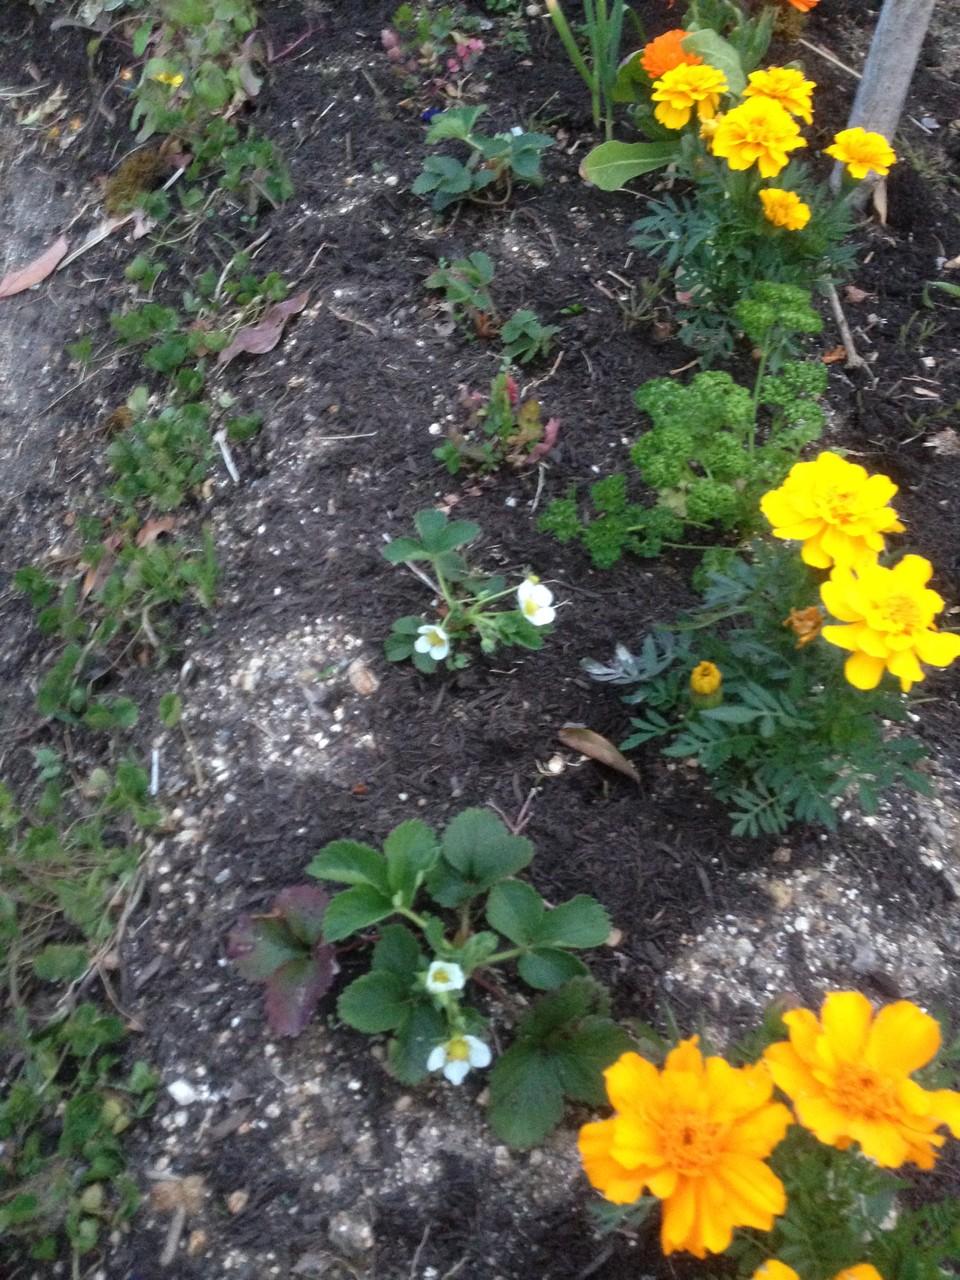 マリーゴールドは土中の線虫を忌避してくれます。